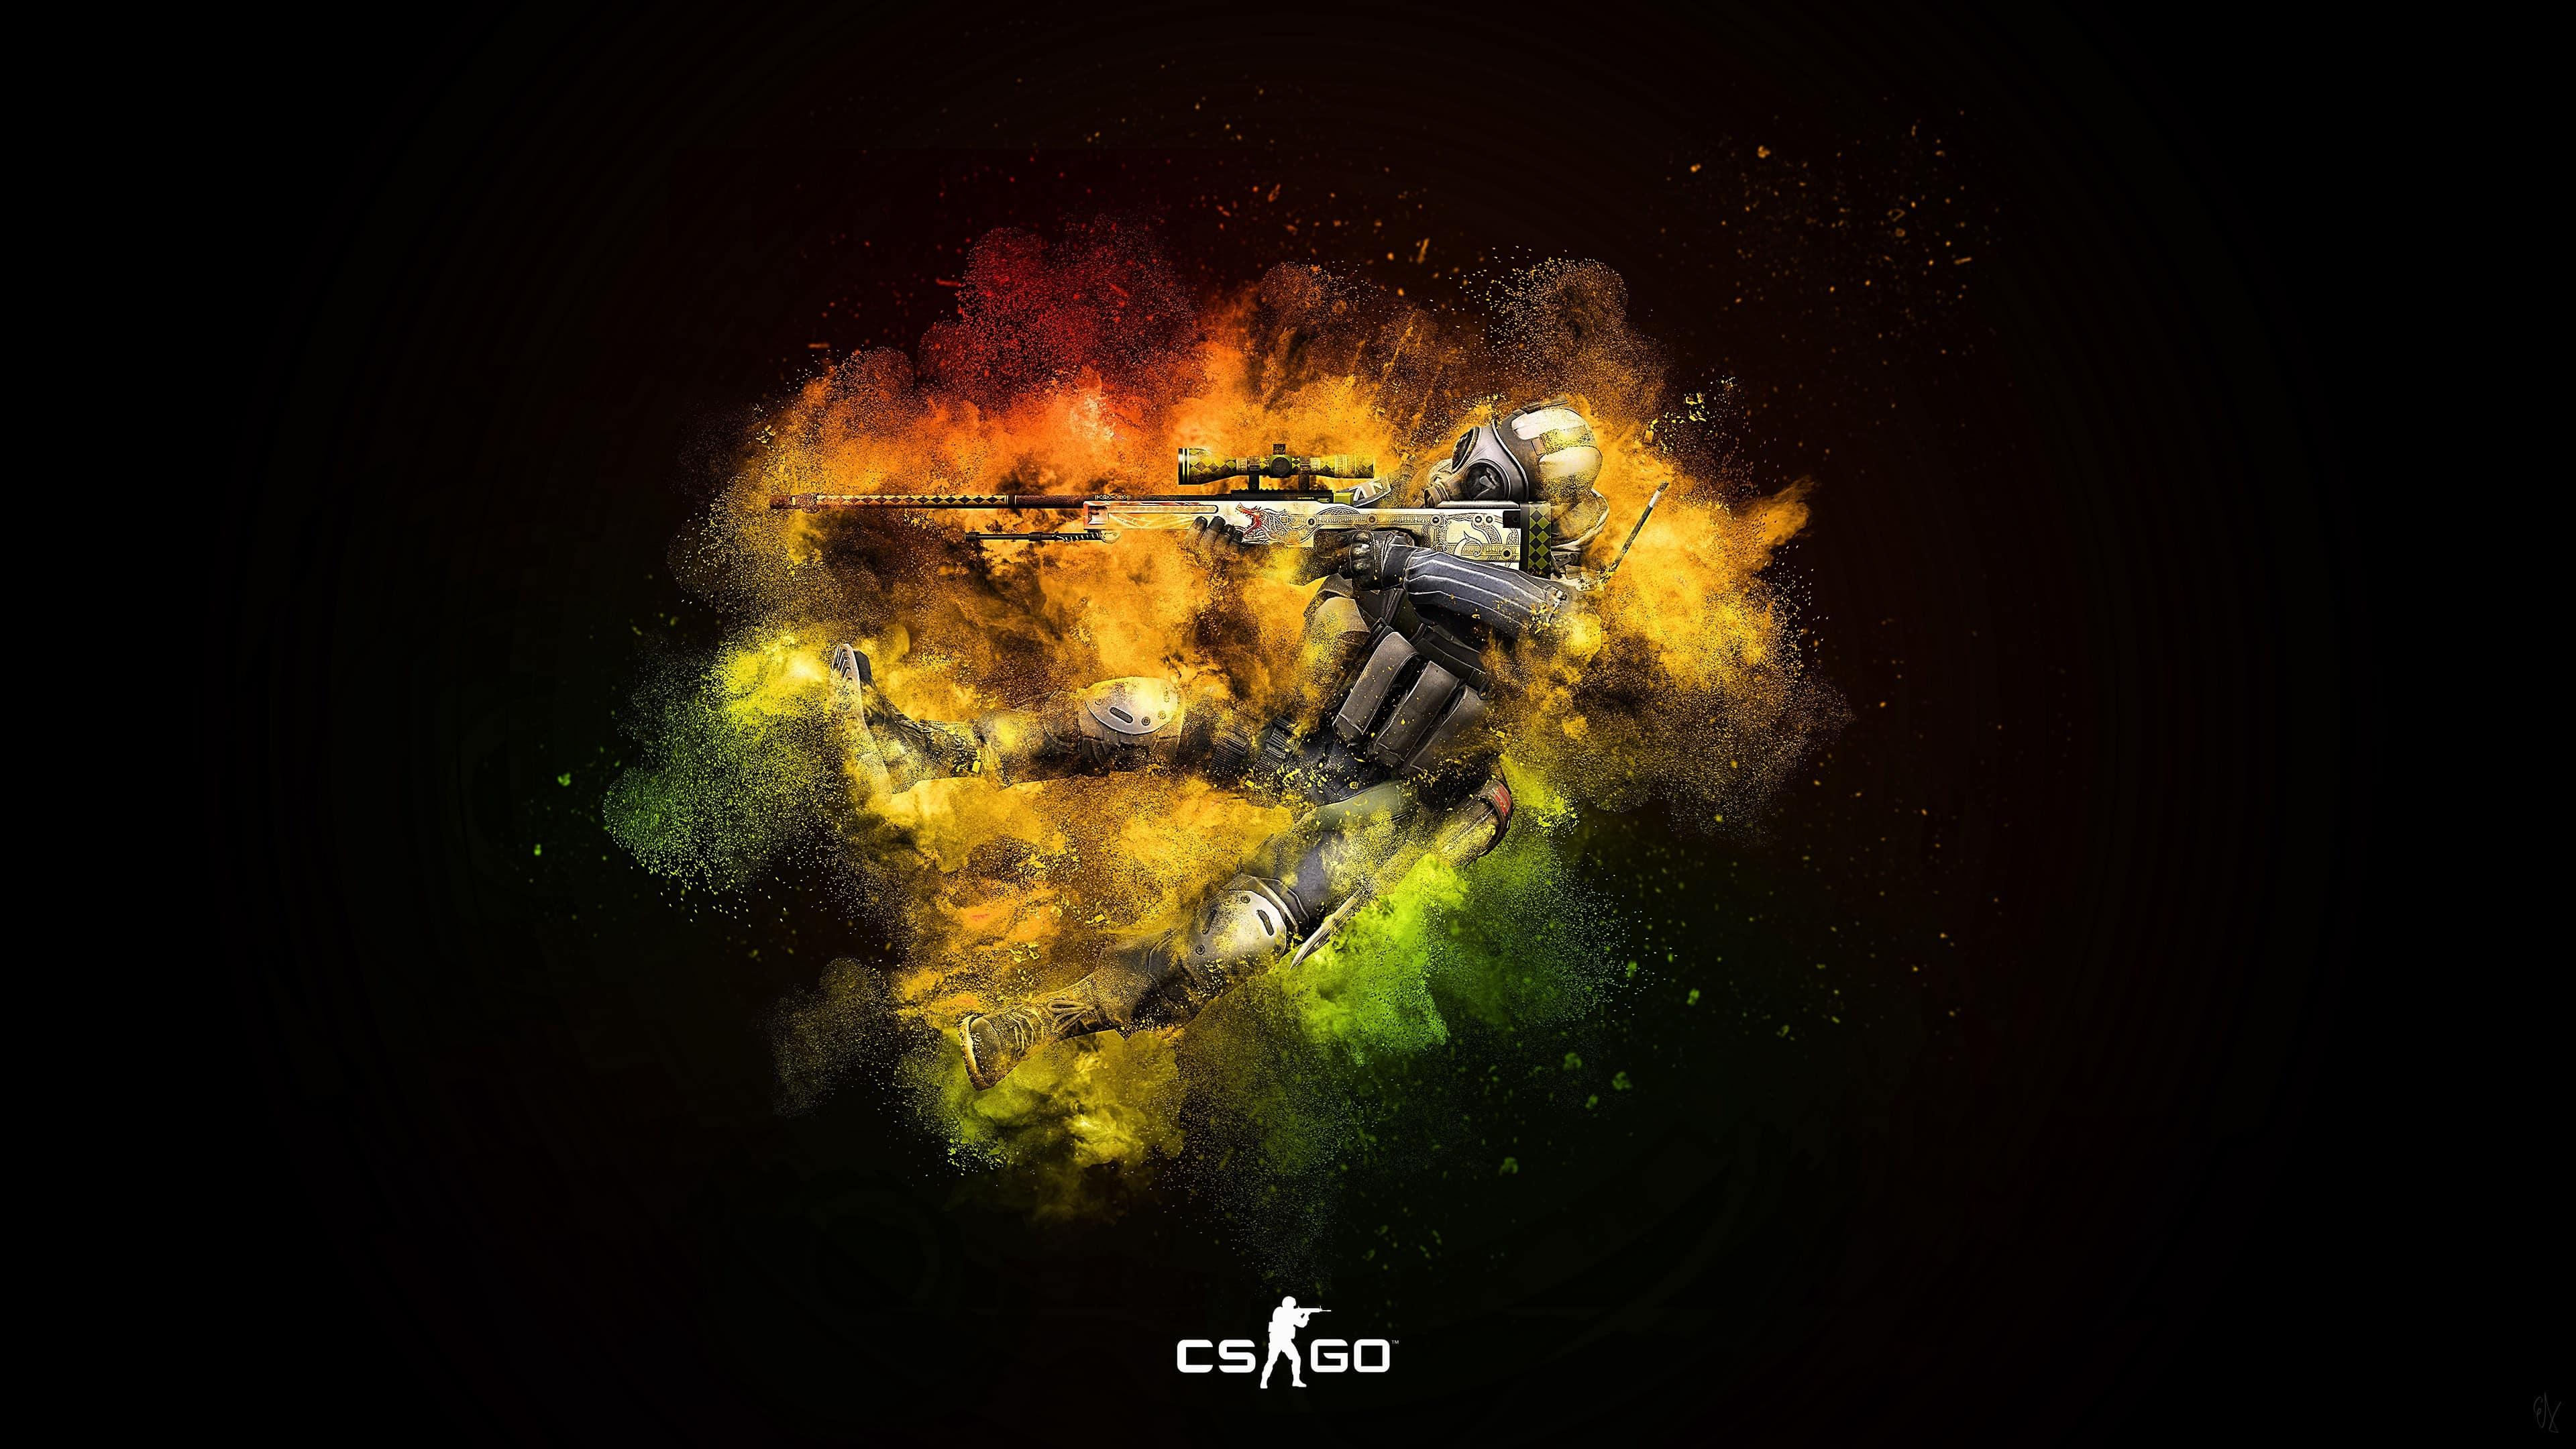 counter strike global offensive cs:go uhd 4k wallpaper